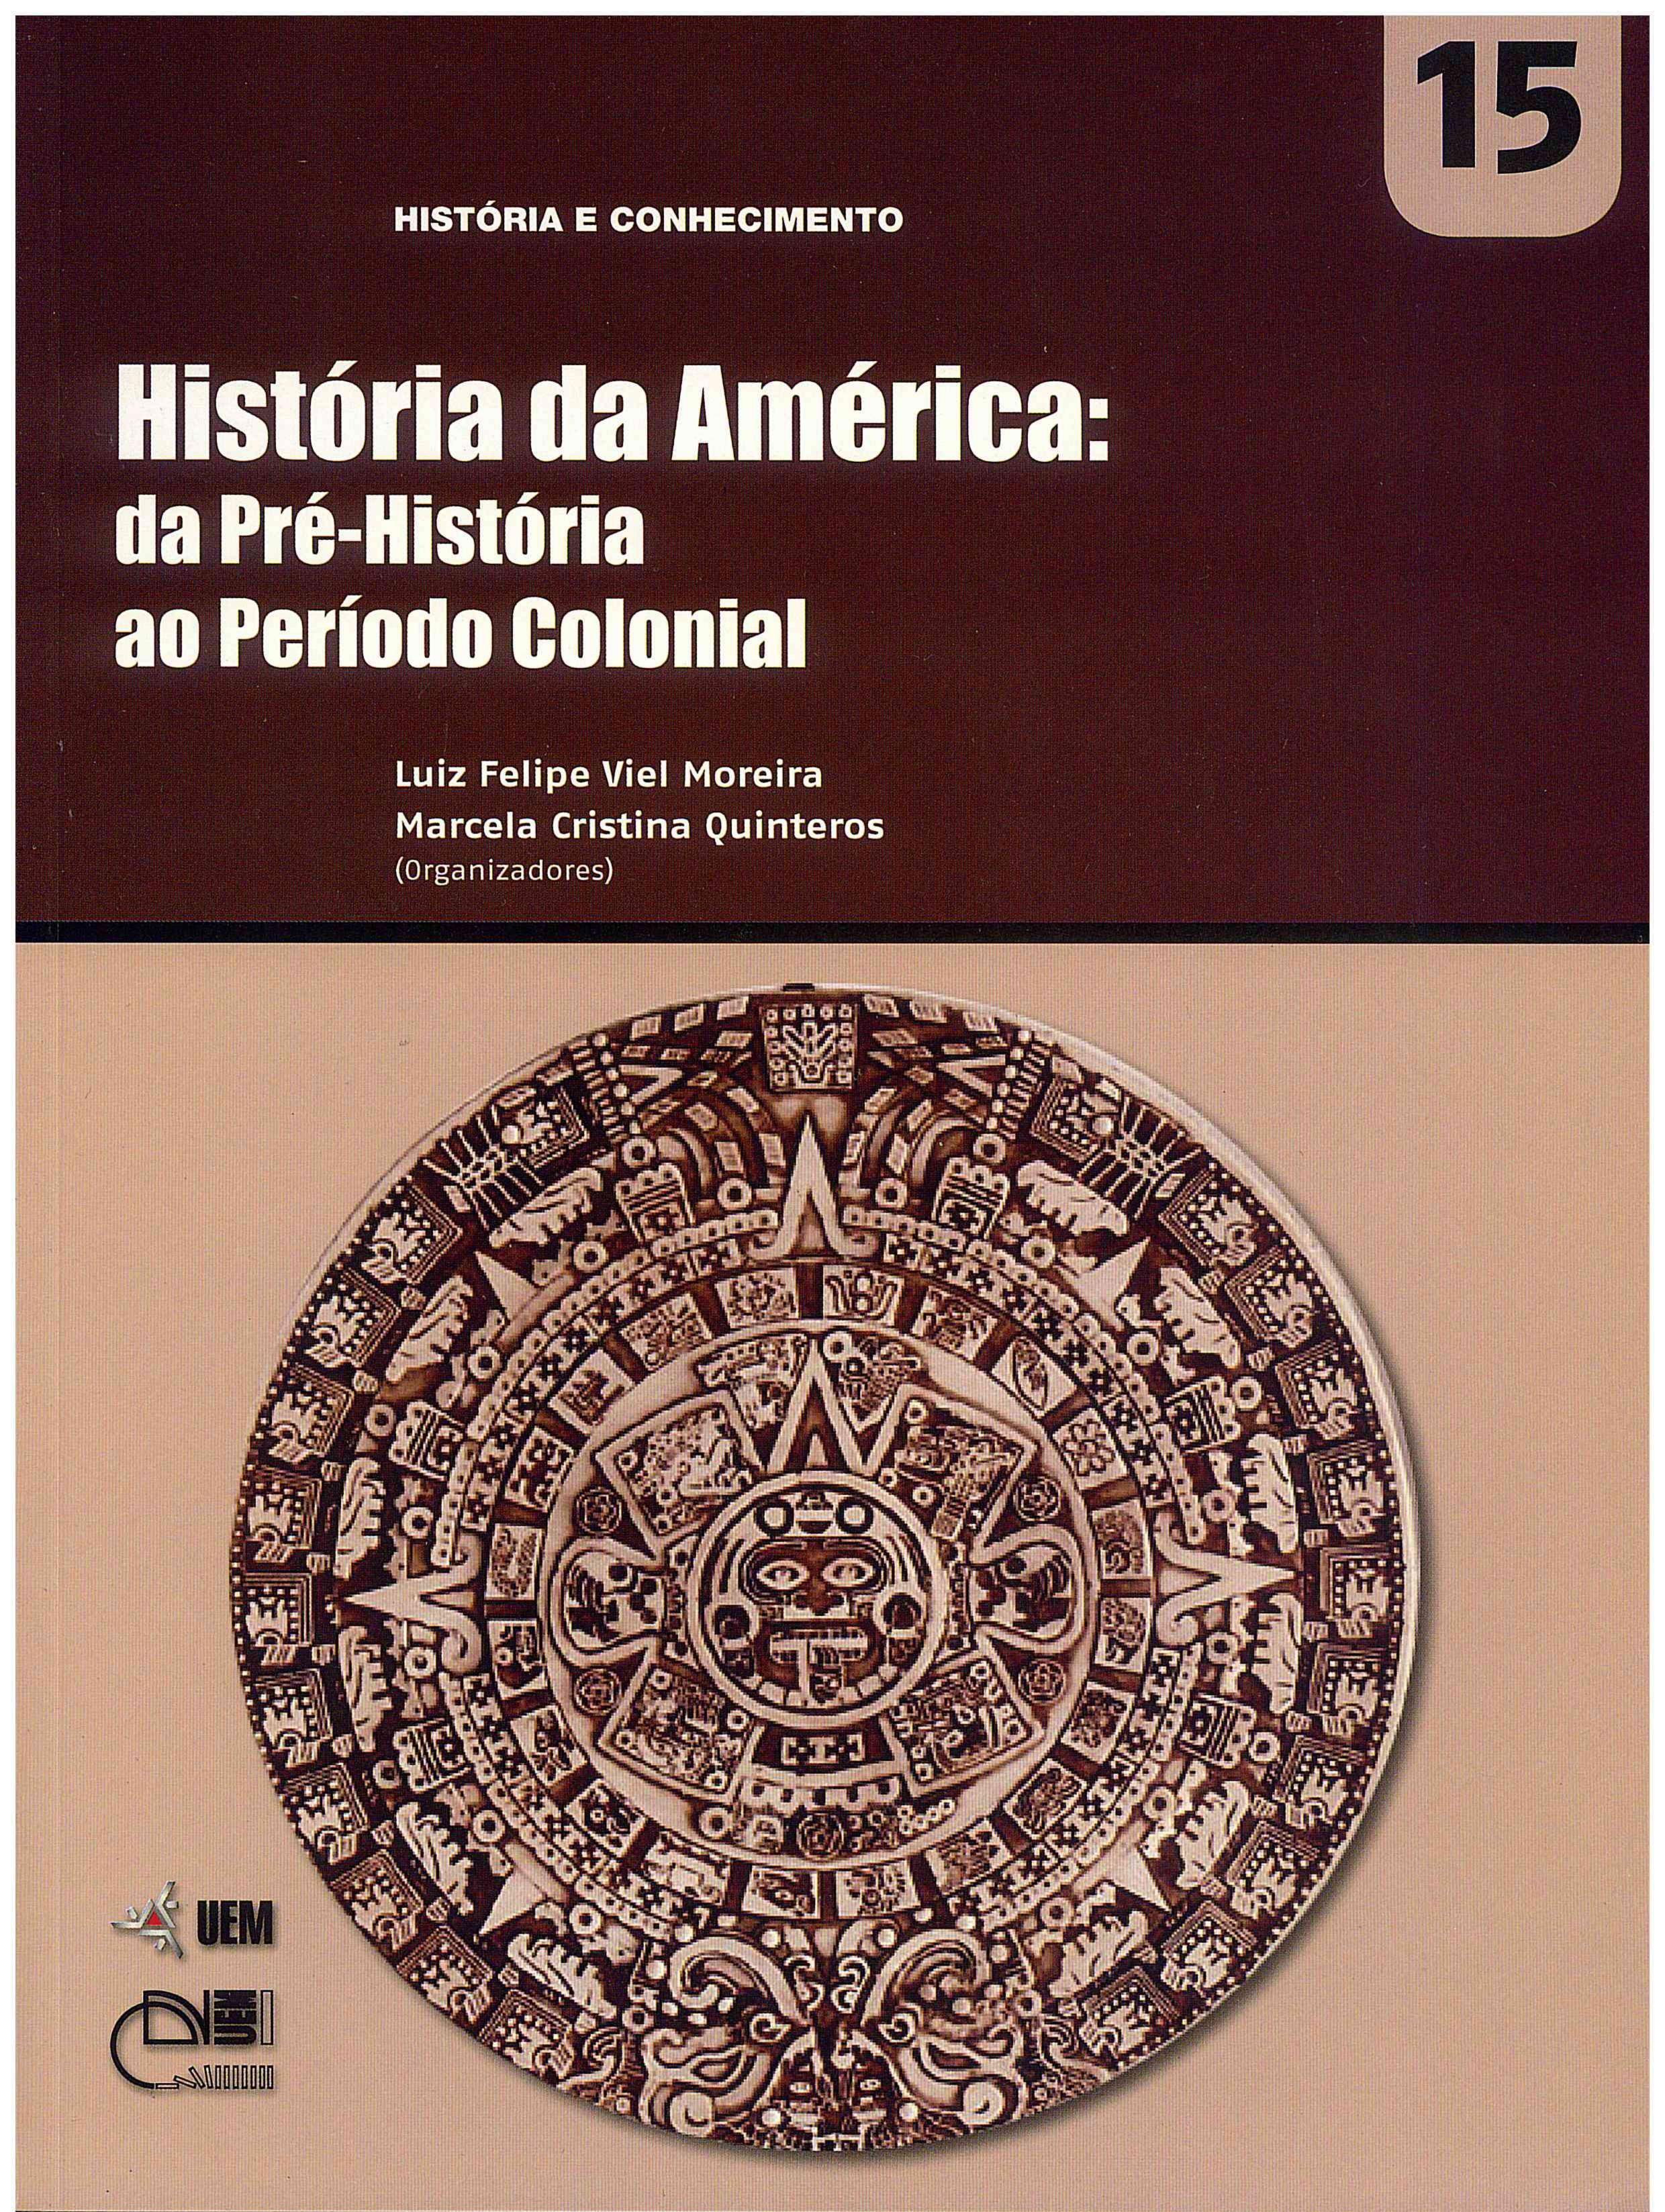 MOREIRA, L. F. V.; QUINTEROS, M. C. (Orgs.). História da América: da Pré-História ao Período Colonial